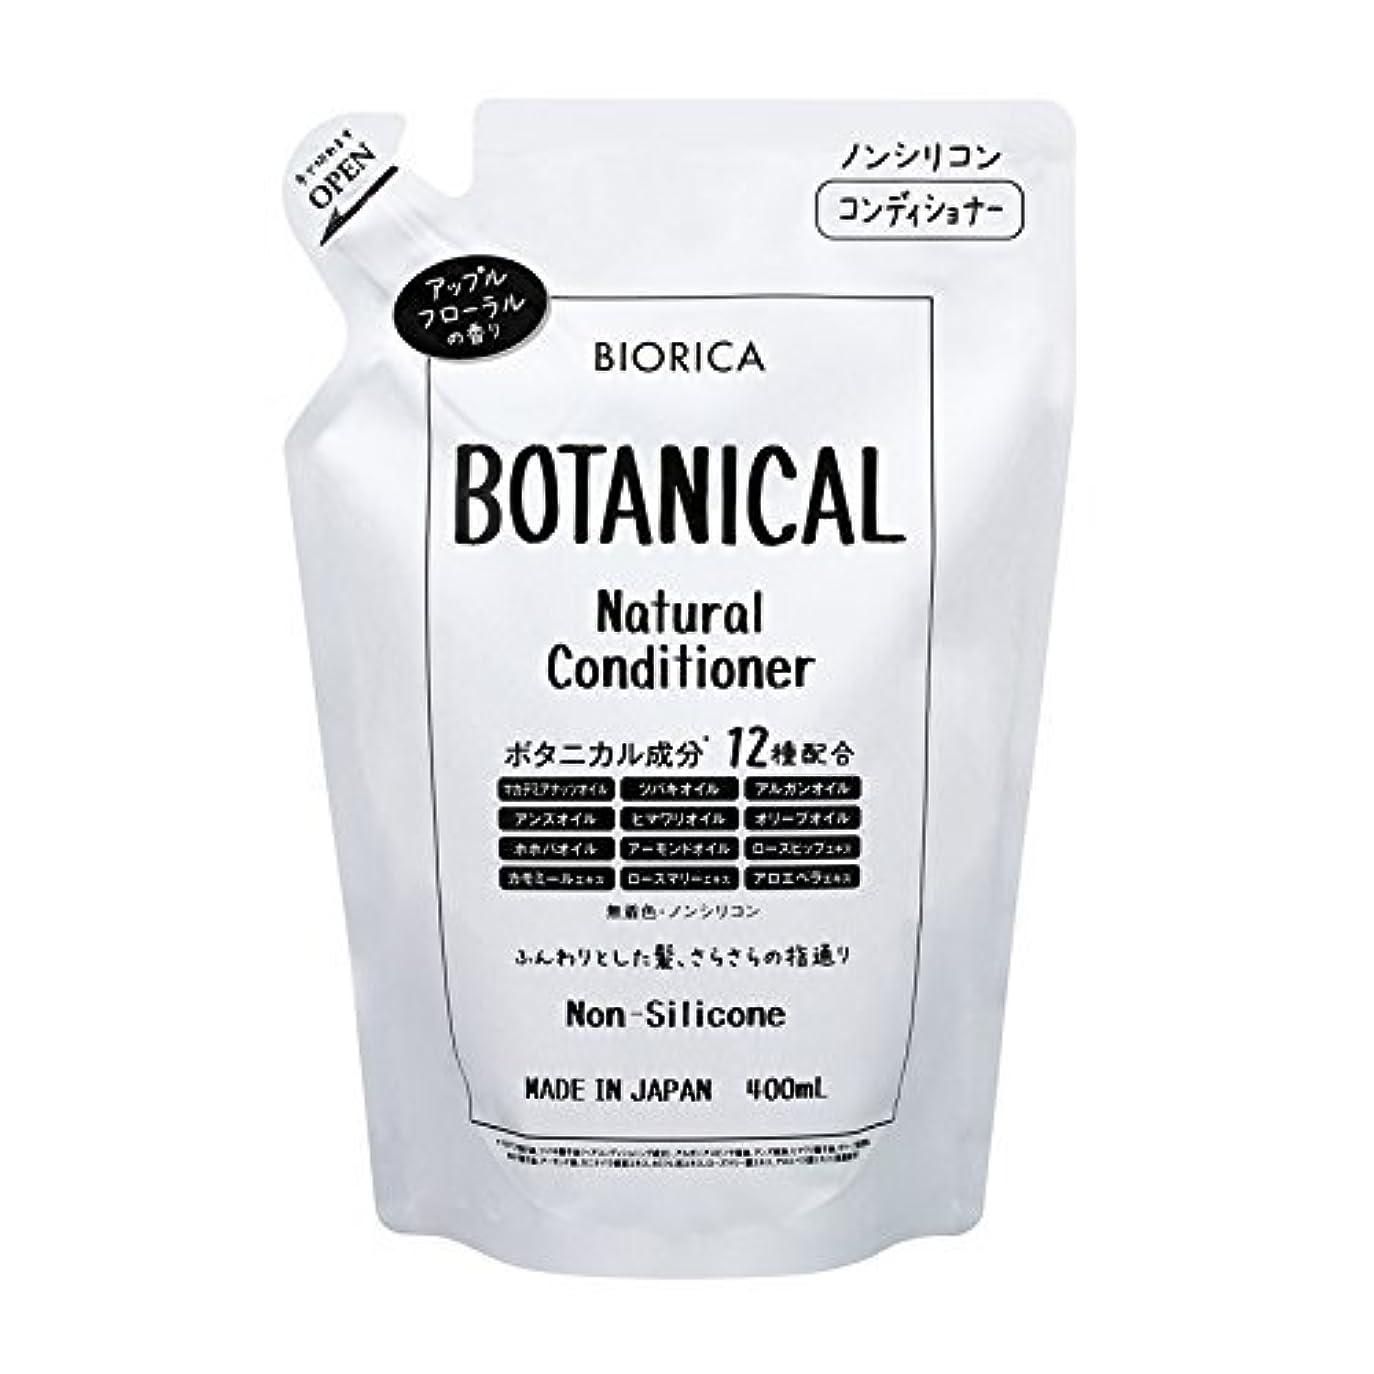 吸収する請求可能フェロー諸島BIORICA ビオリカ ボタニカル ノンシリコン コンディショナー 詰め替え アップルフローラルの香り 400ml 日本製